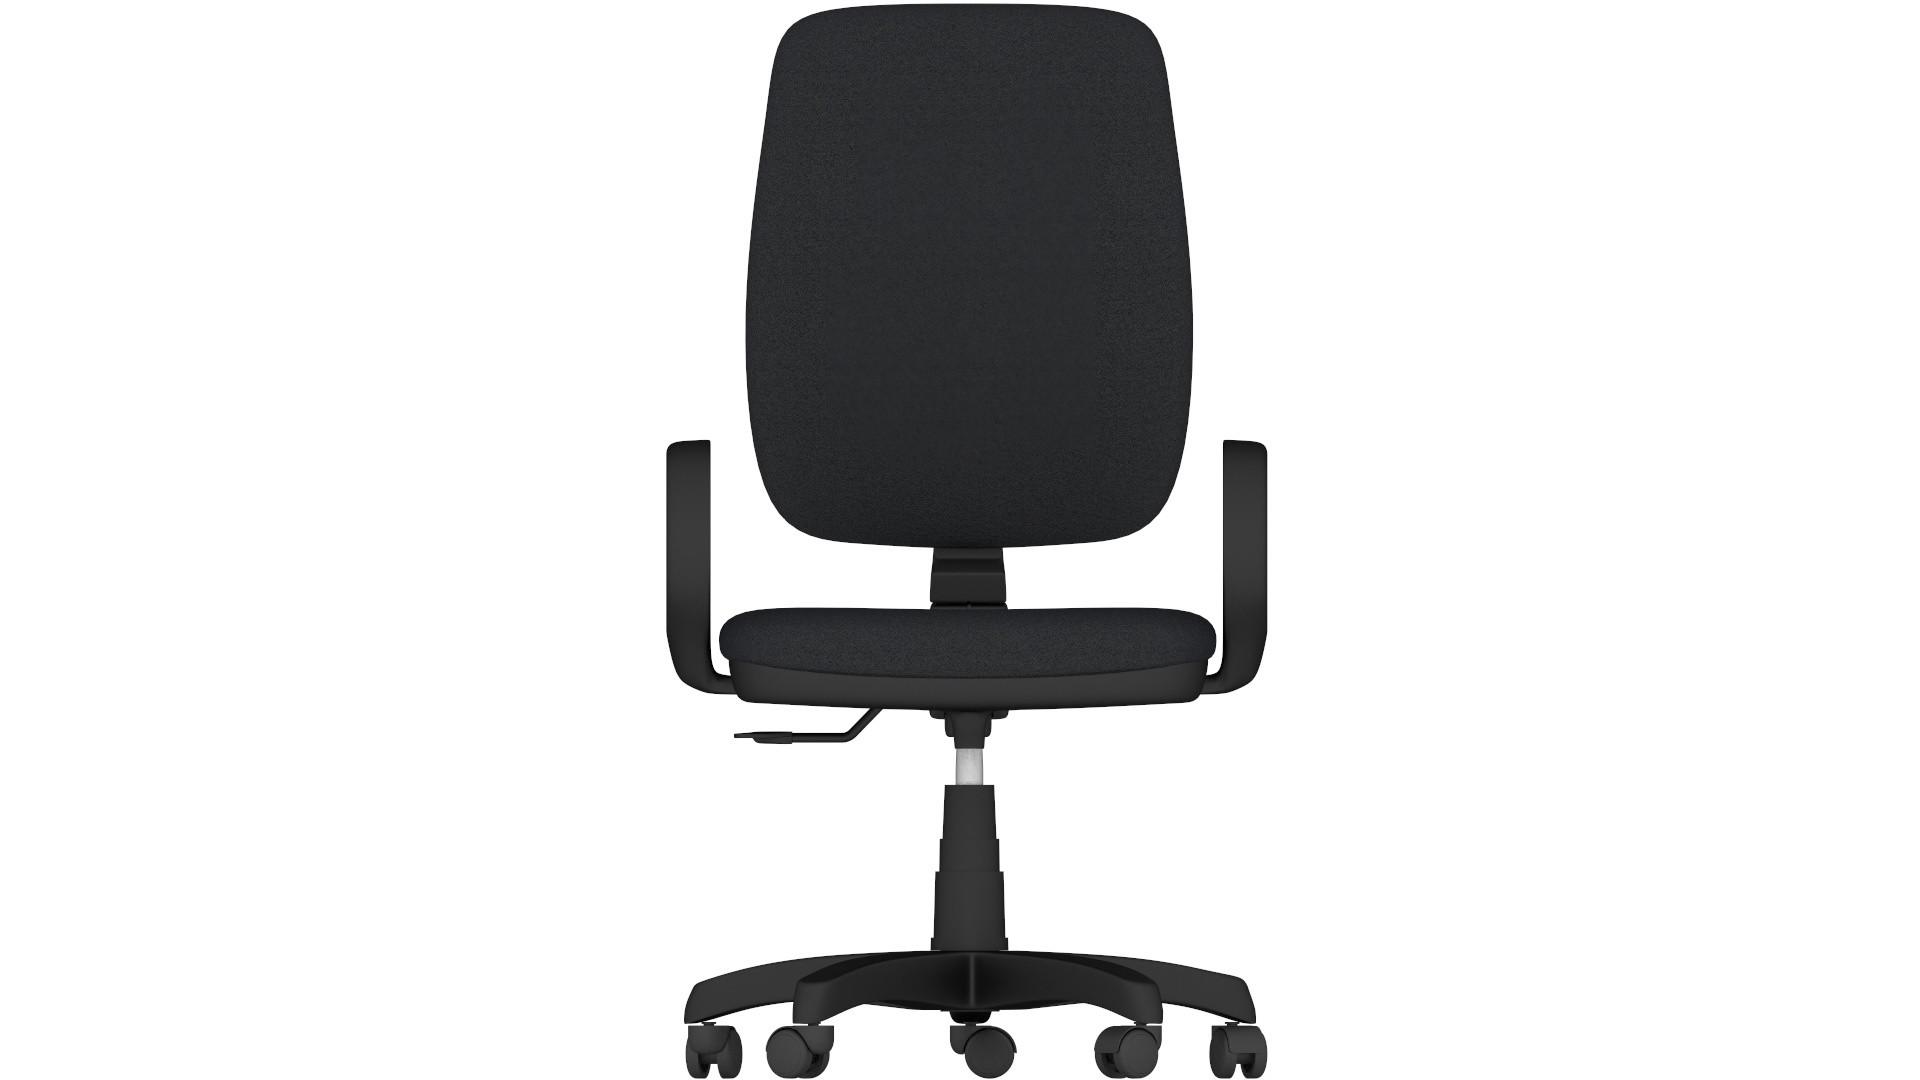 Sedia da Ufficio in Polipropilene ACTIVE Nera